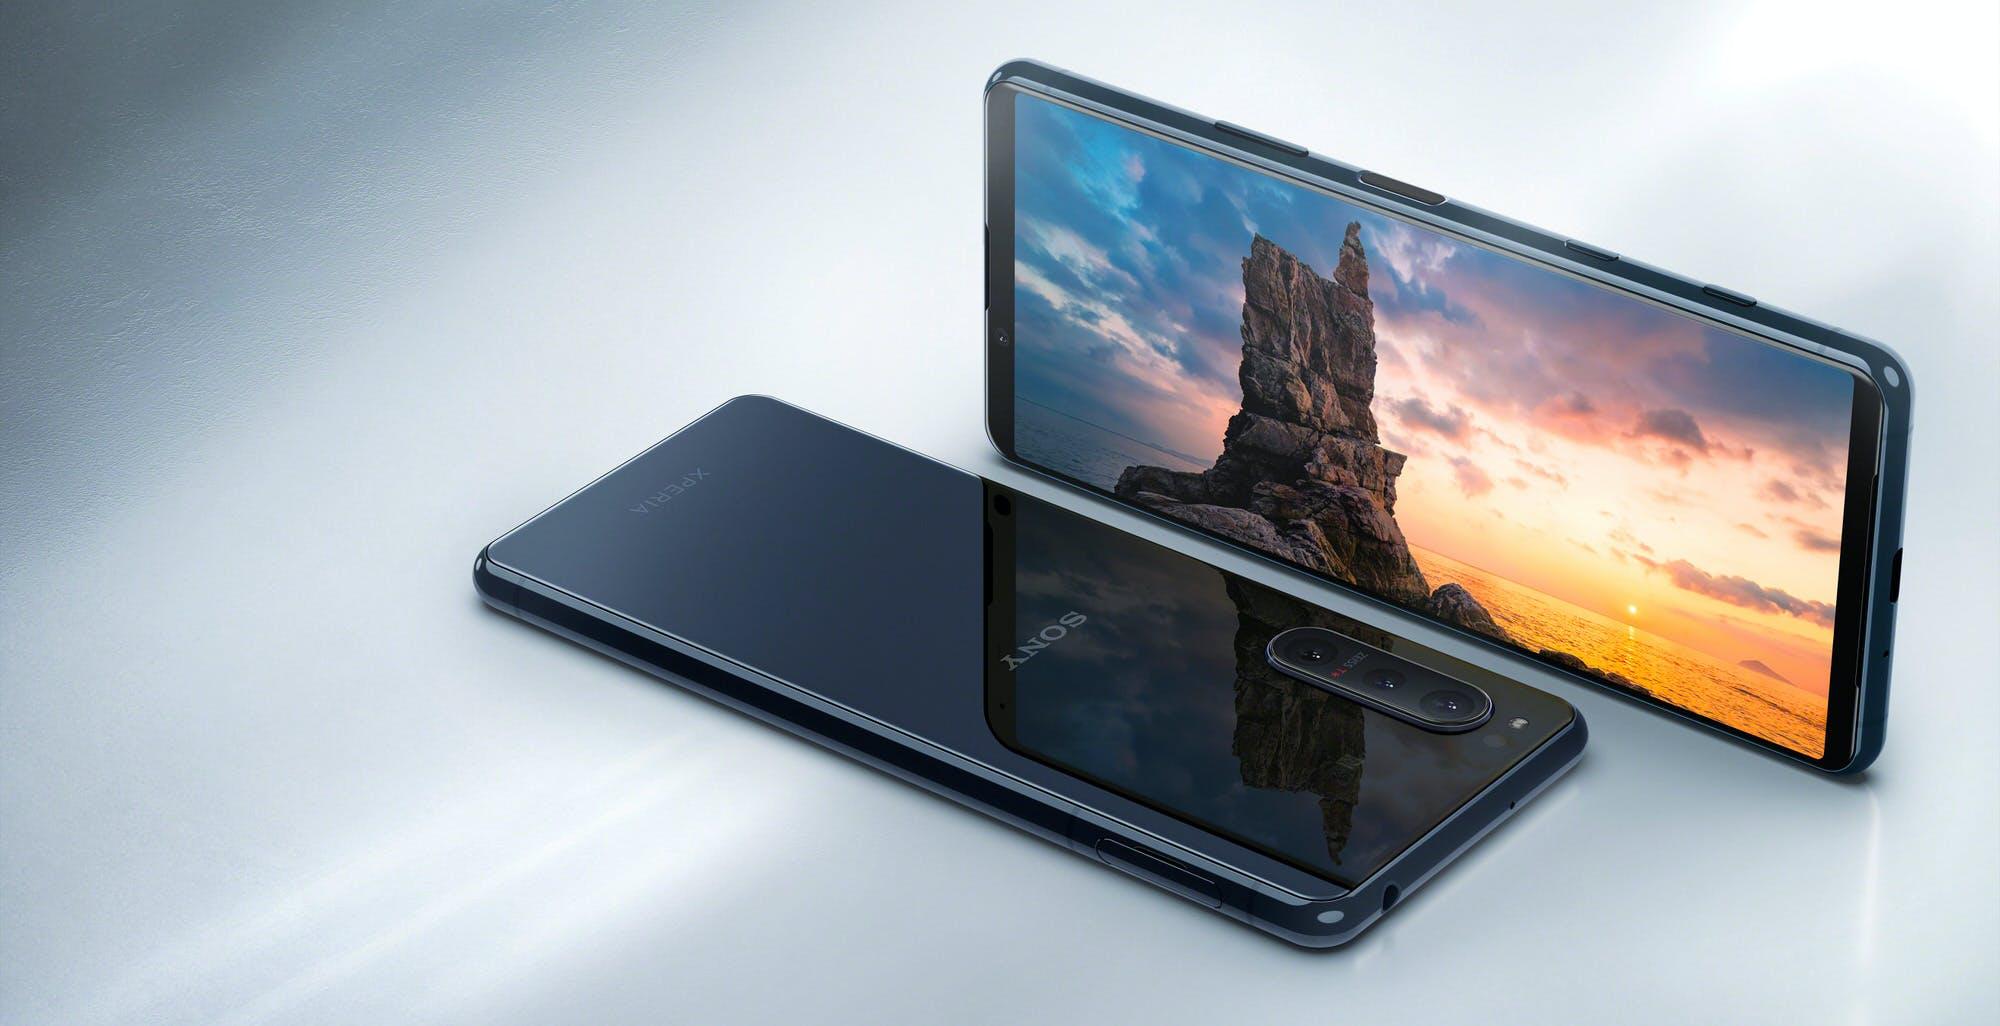 Xperia 5 II ufficiale a 899 euro è lo smartphone migliore che ha fatto Sony quest'anno